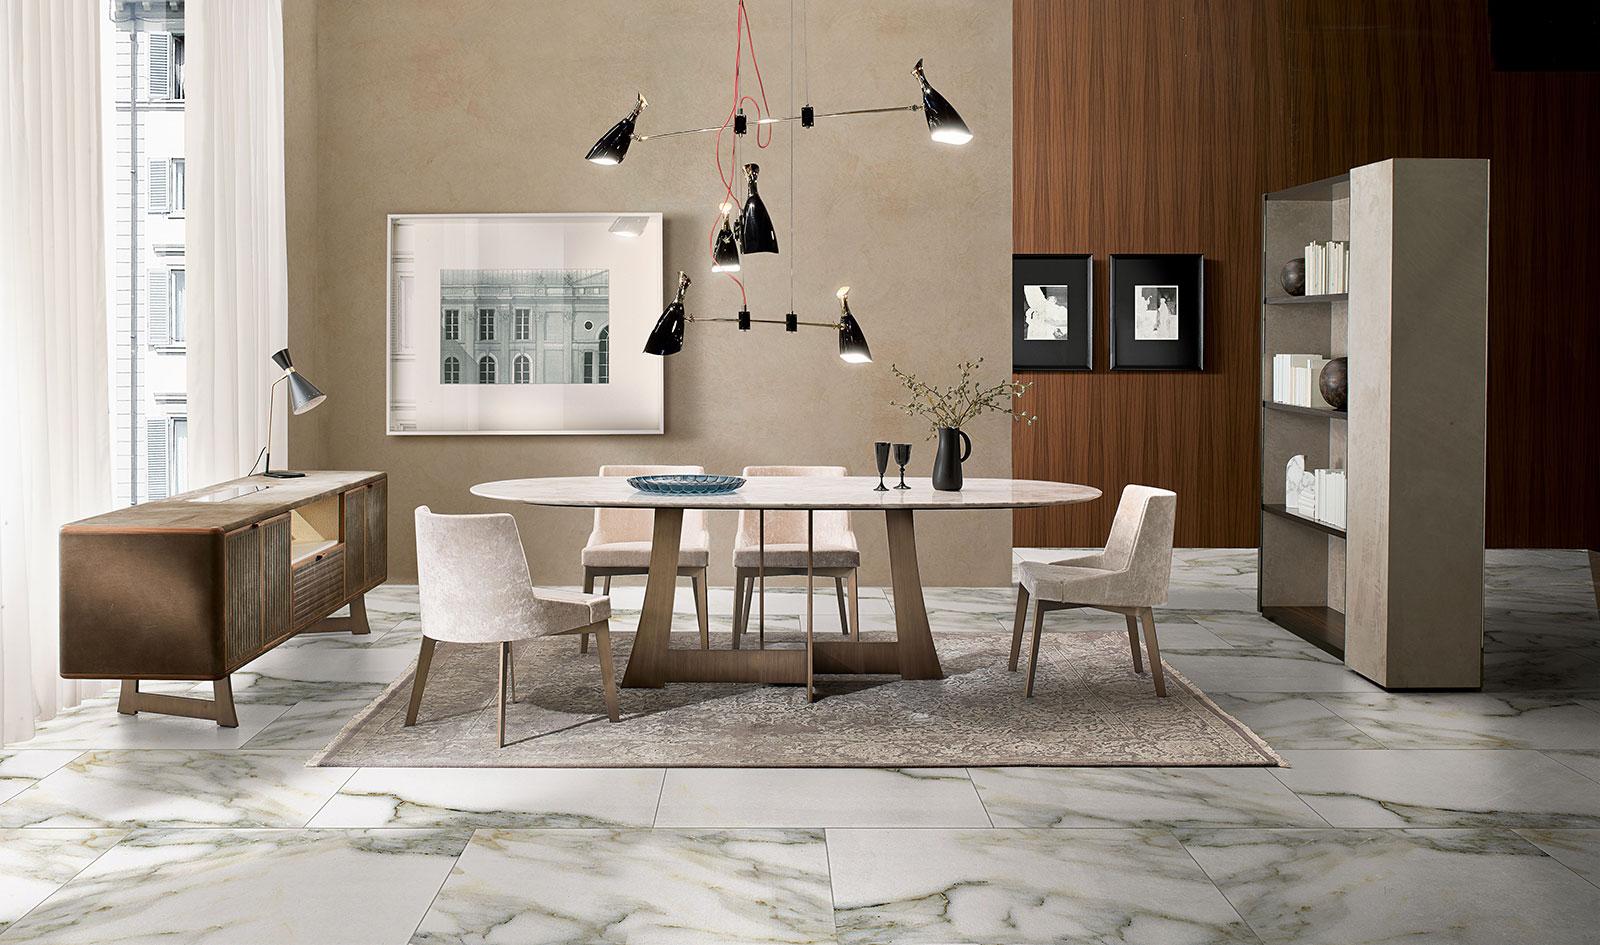 Tavolo da pranzo ovale in marmo. Design Umberto Asnago. Fabbricazione made in Italy. Vendita online di arredamento di lusso. Consegna gratuita.